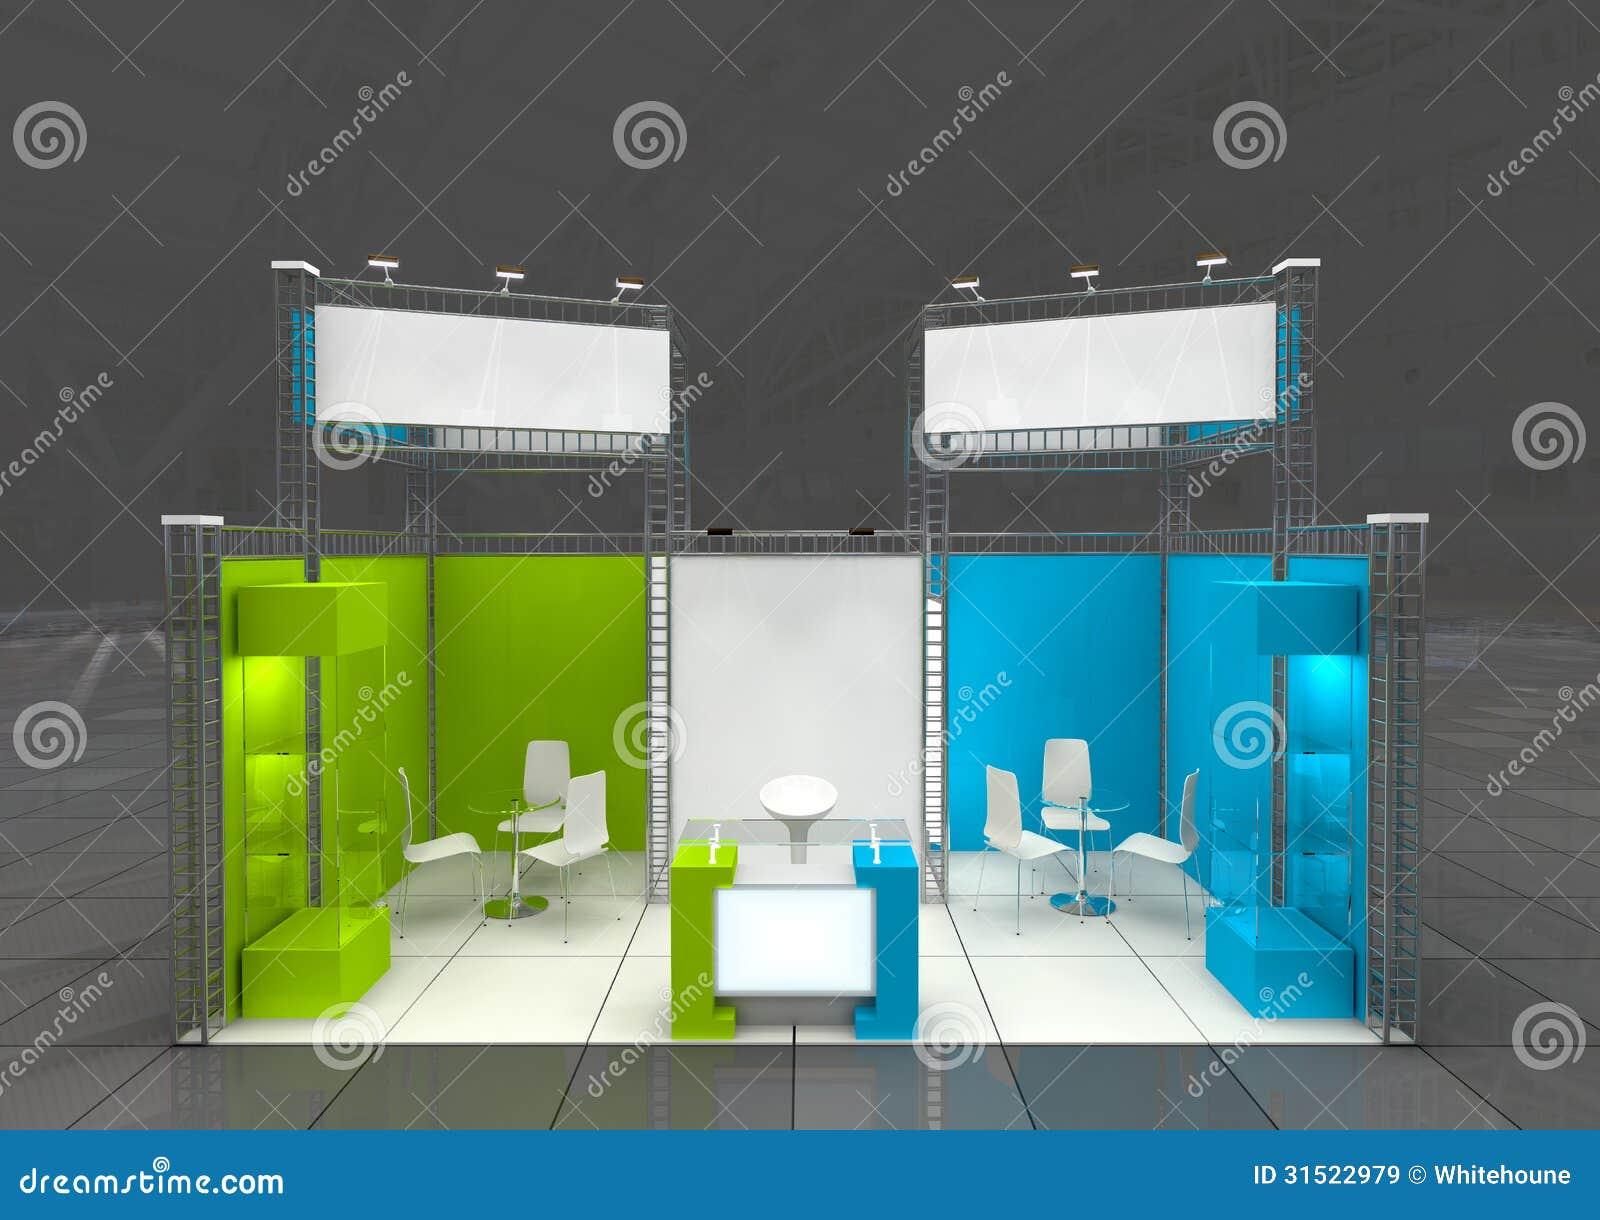 Modern Exhibition Stand Designs : Exhibition stand design stock illustration illustration of